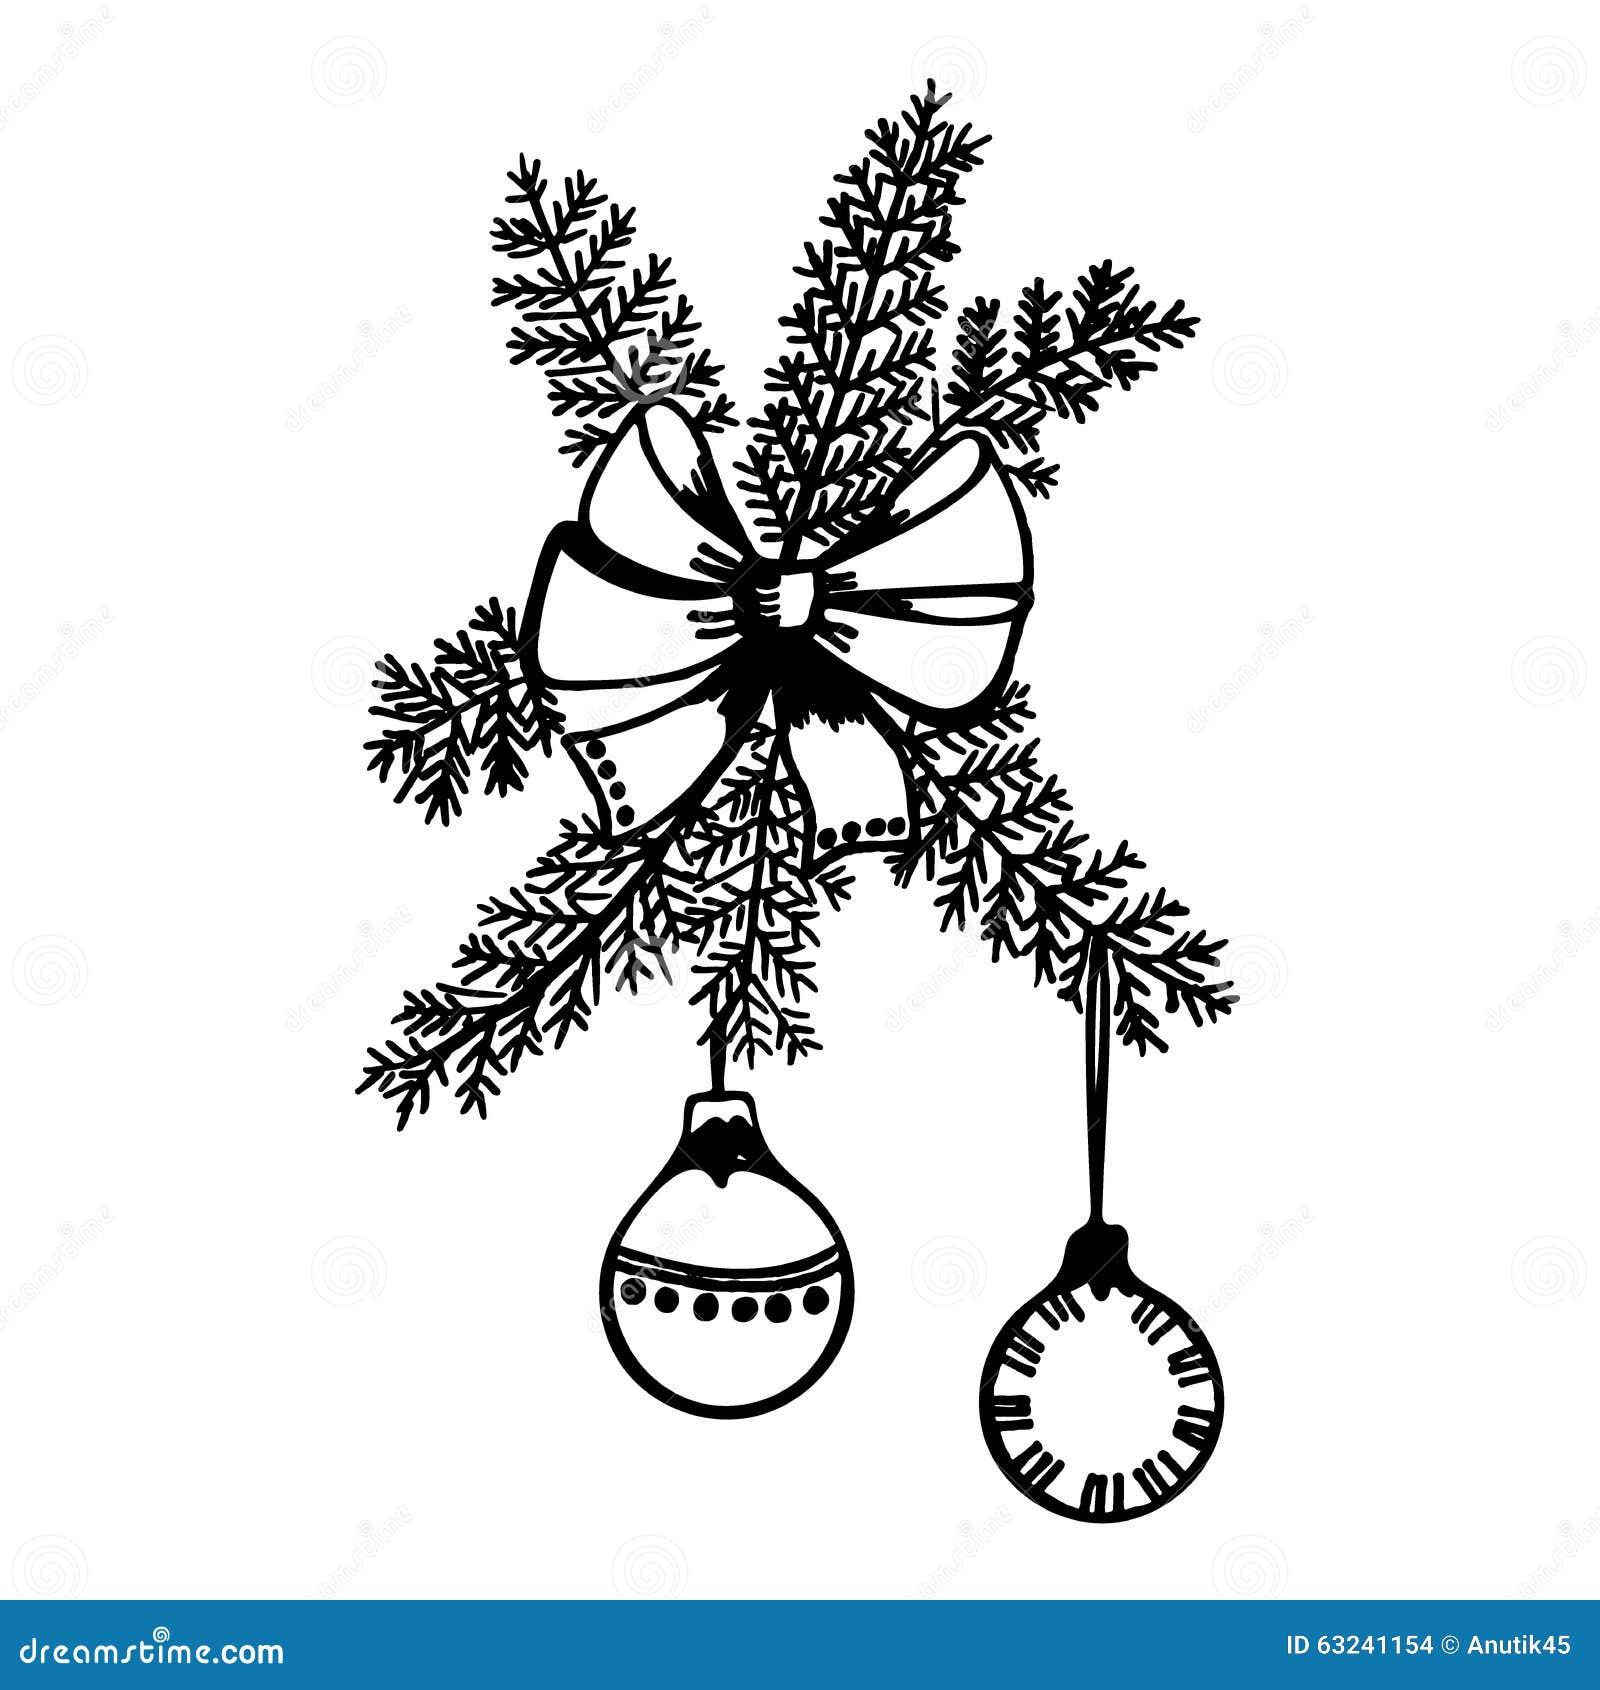 Weihnachten, Ball, Dekoration, Neues Jahr, Vektor, Skizze Vektor ...